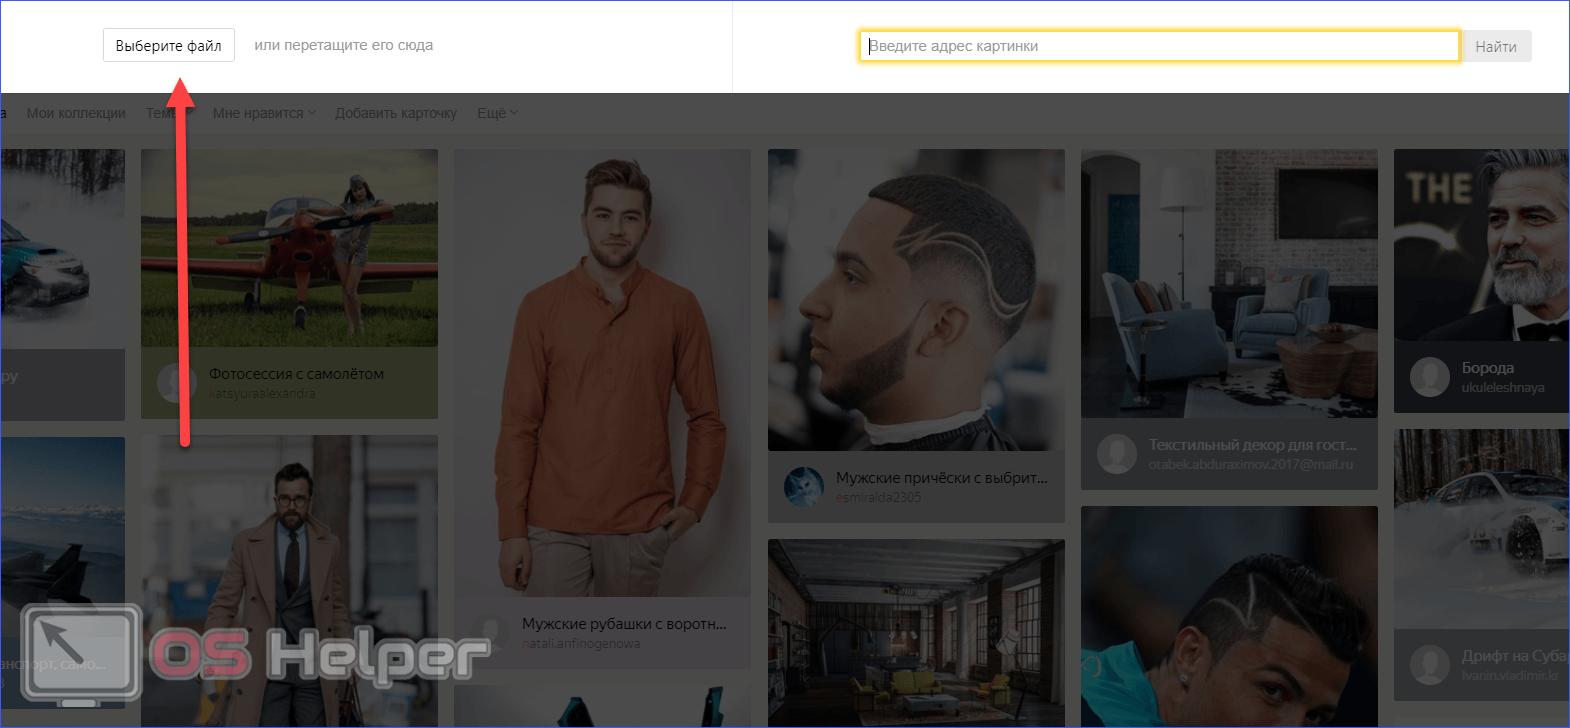 Кнопка выбора файлов